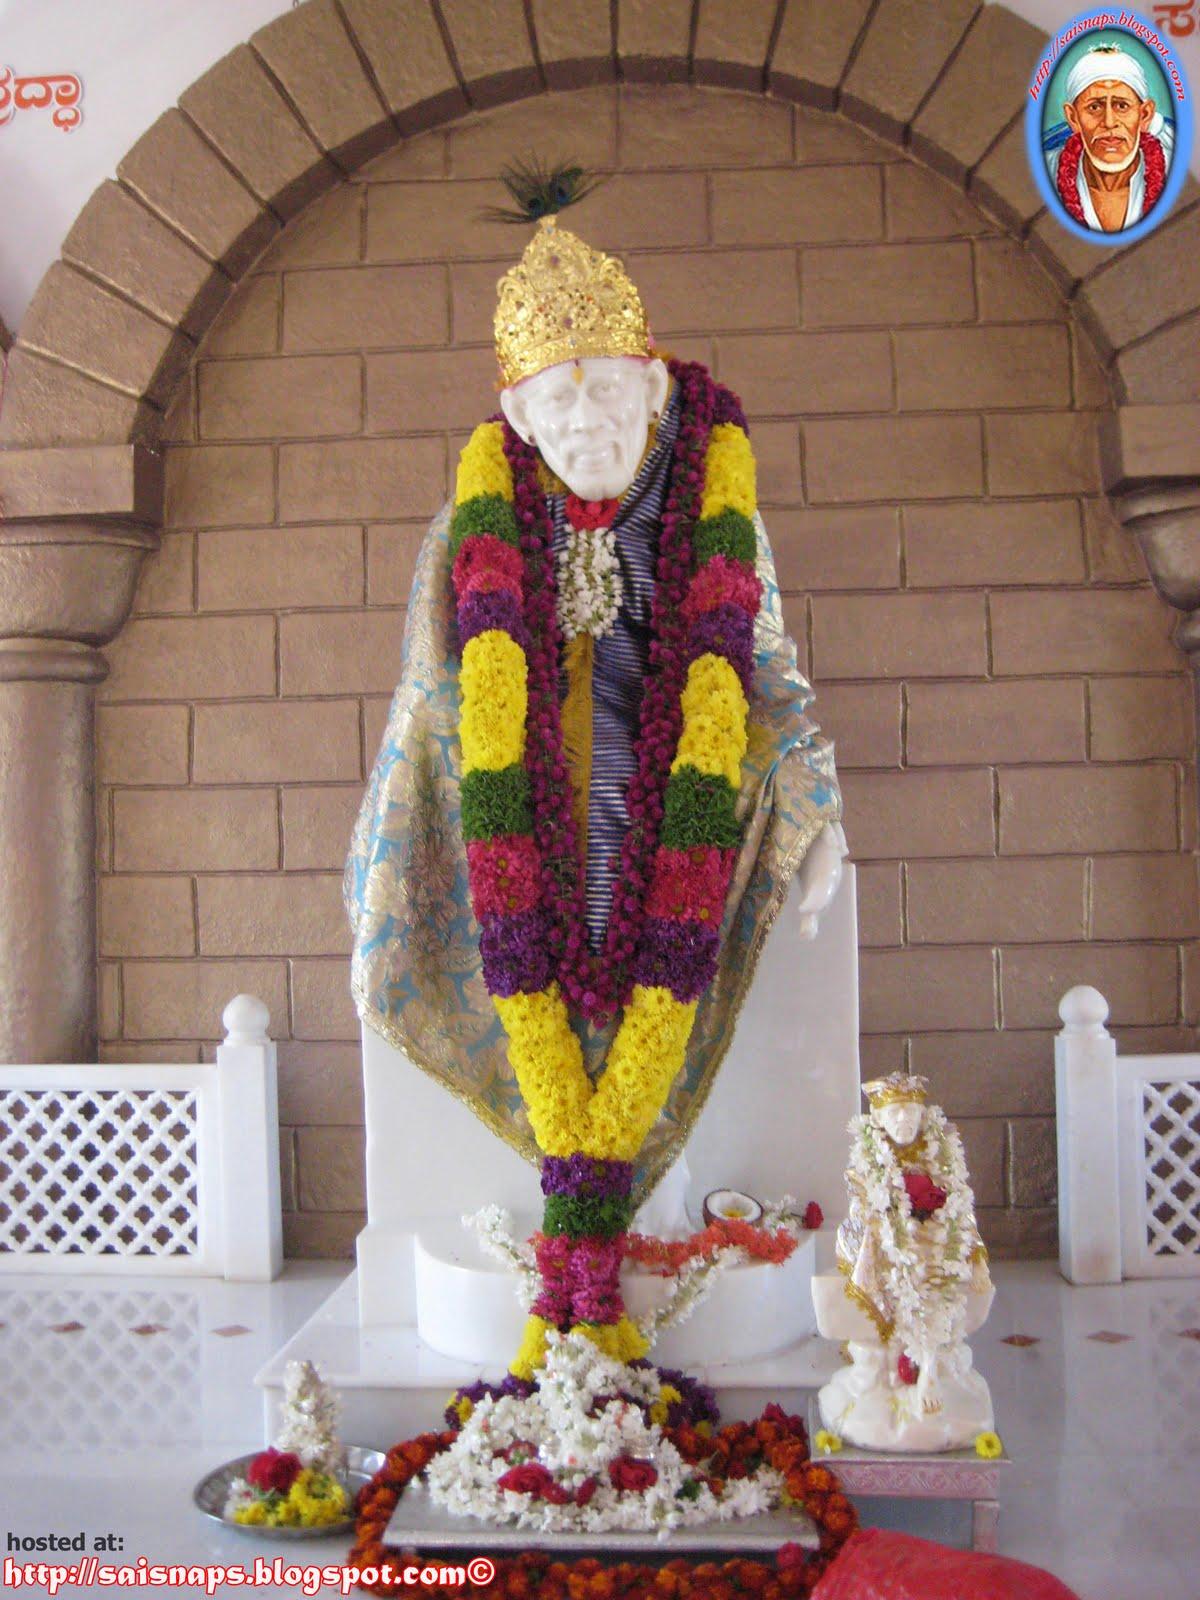 Gaul Wallpapers New Year Alankar At Sri Shirdi Sai Baba Mandir